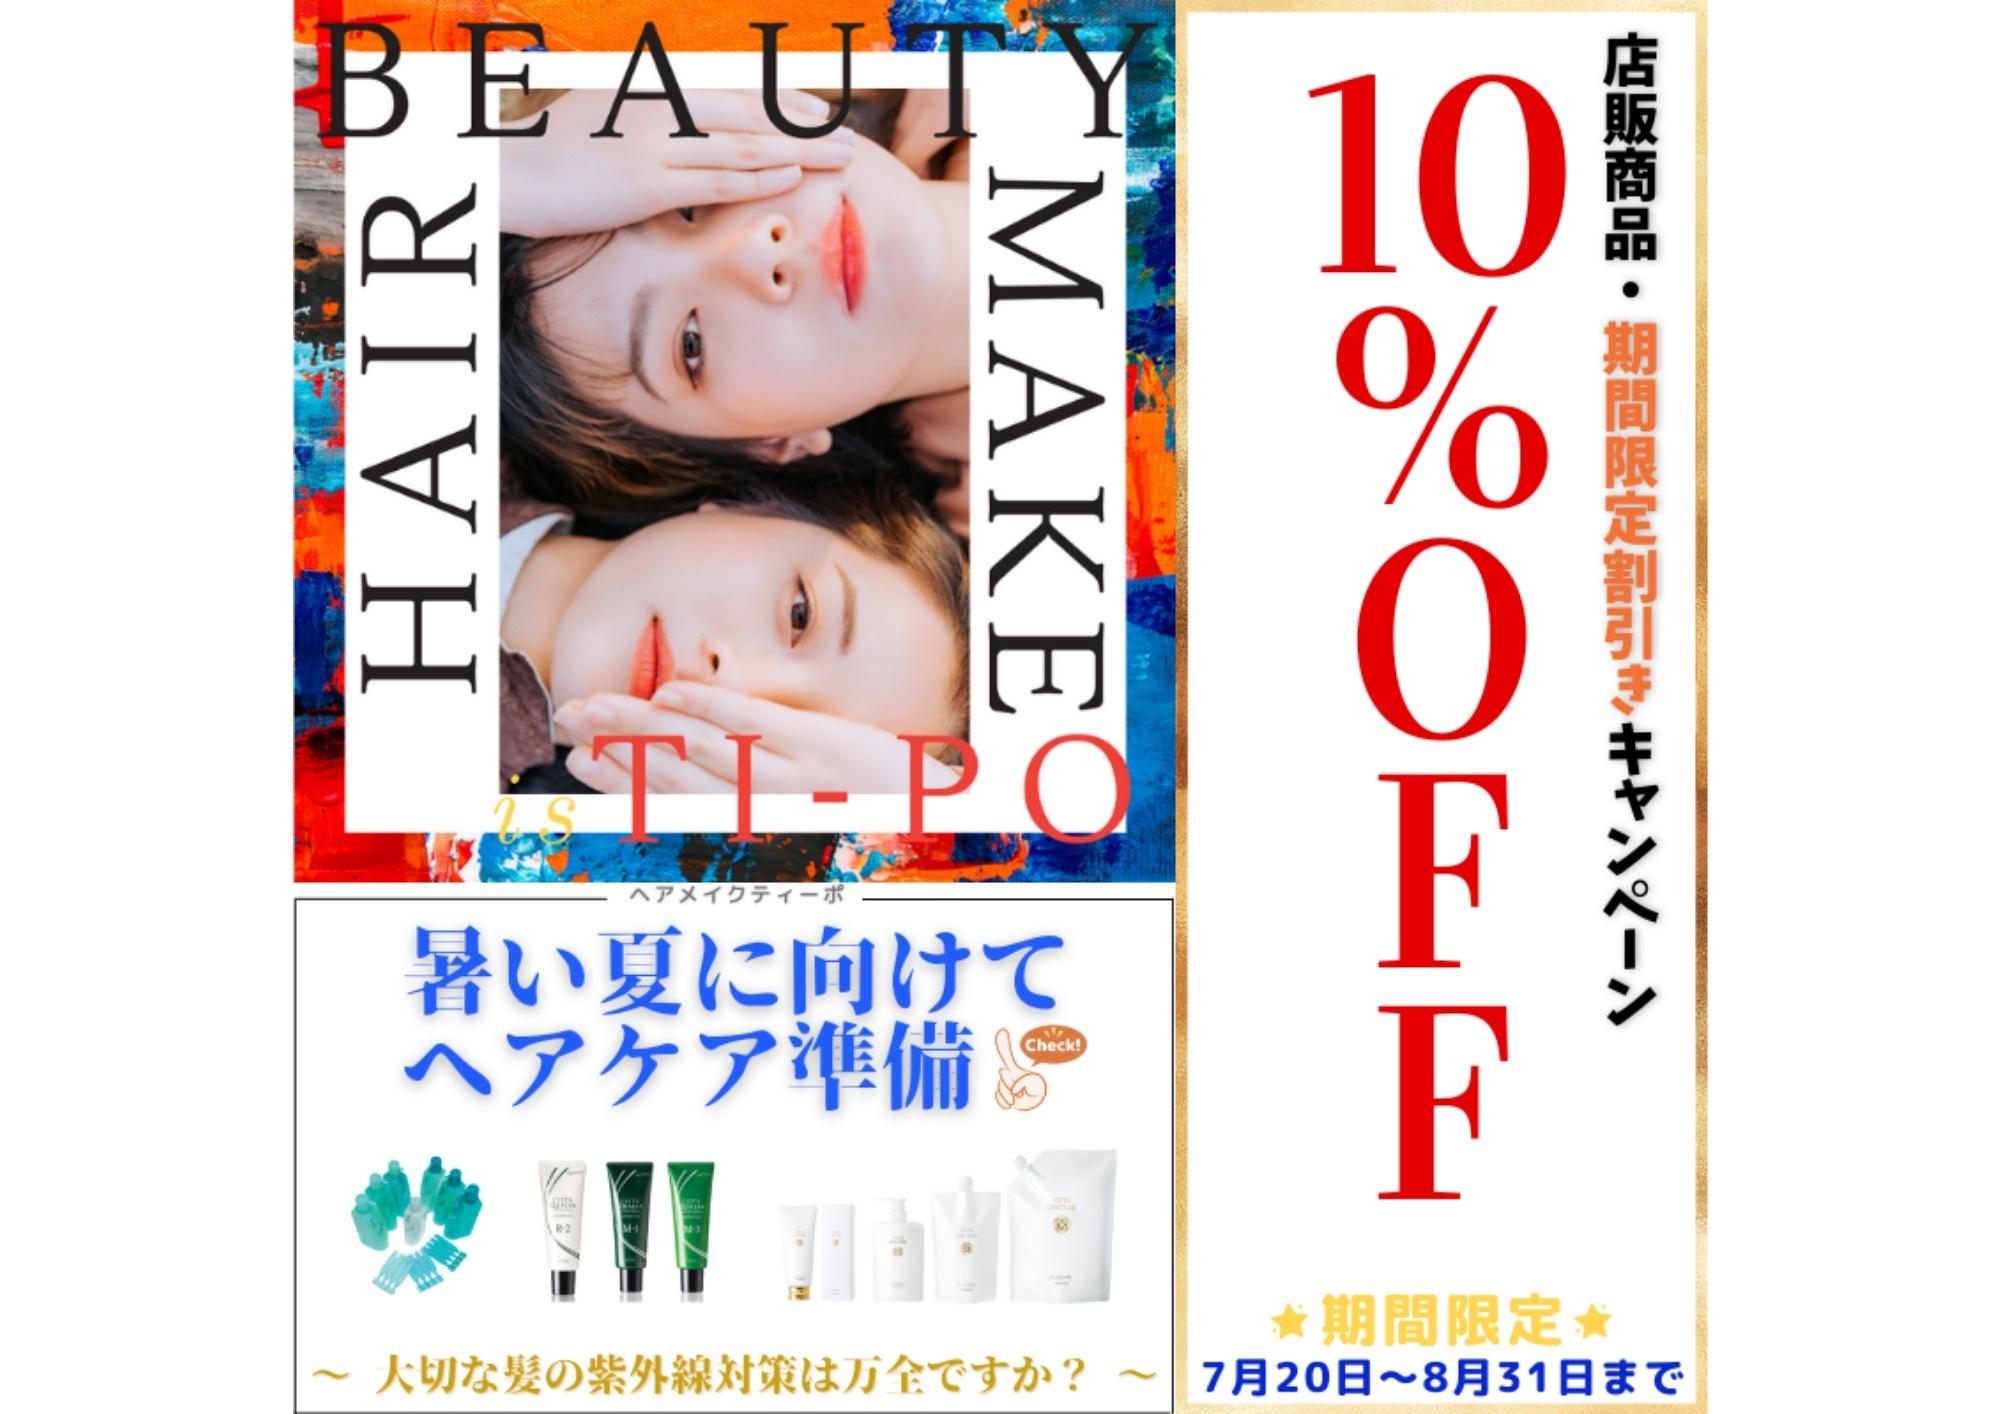 ☆★ 期間限定店販商品「10% OFF」キャンペーン ★☆